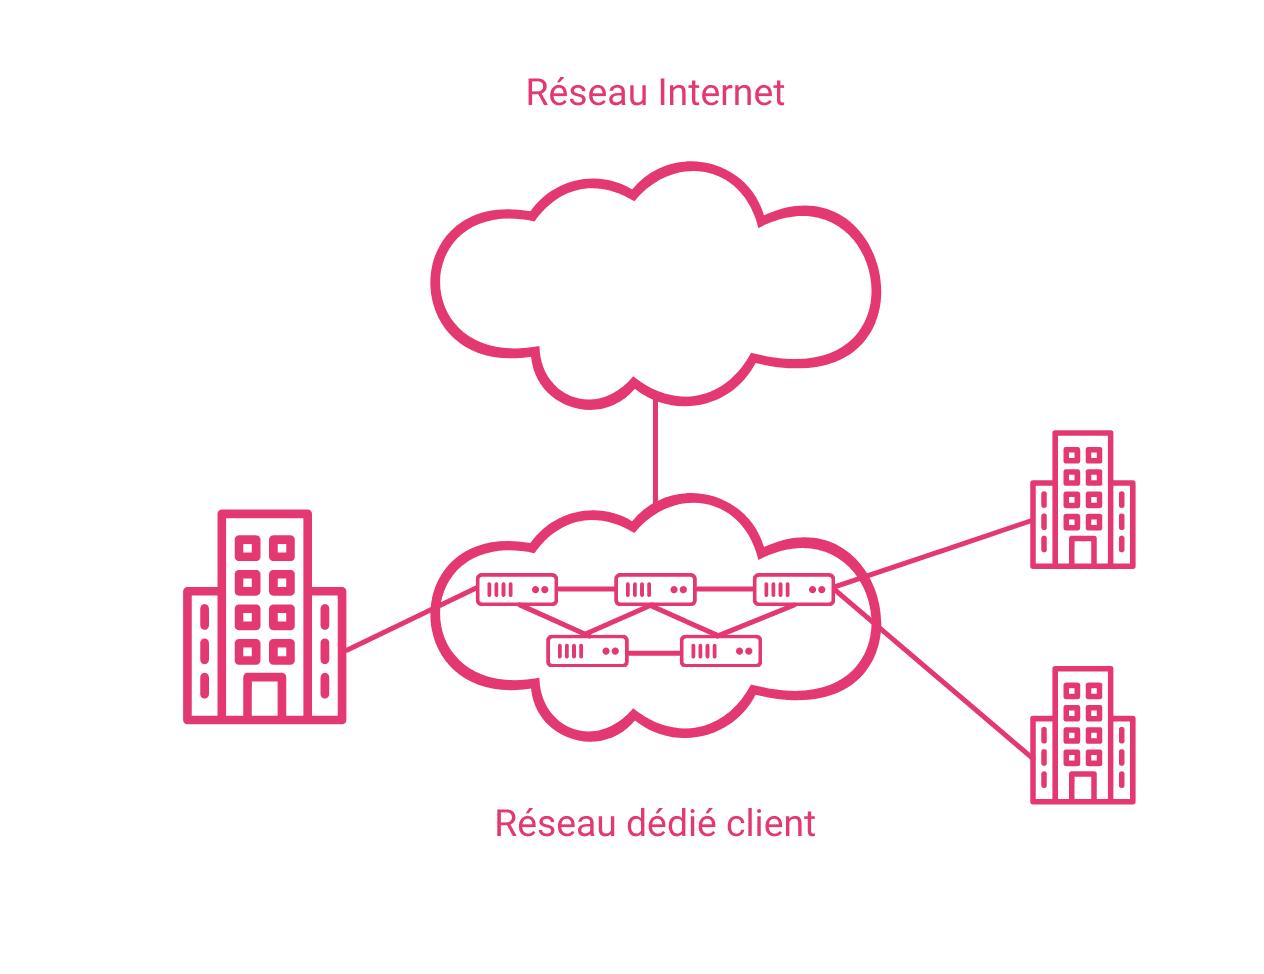 schéma d'un réseau d'entreprise MPLS